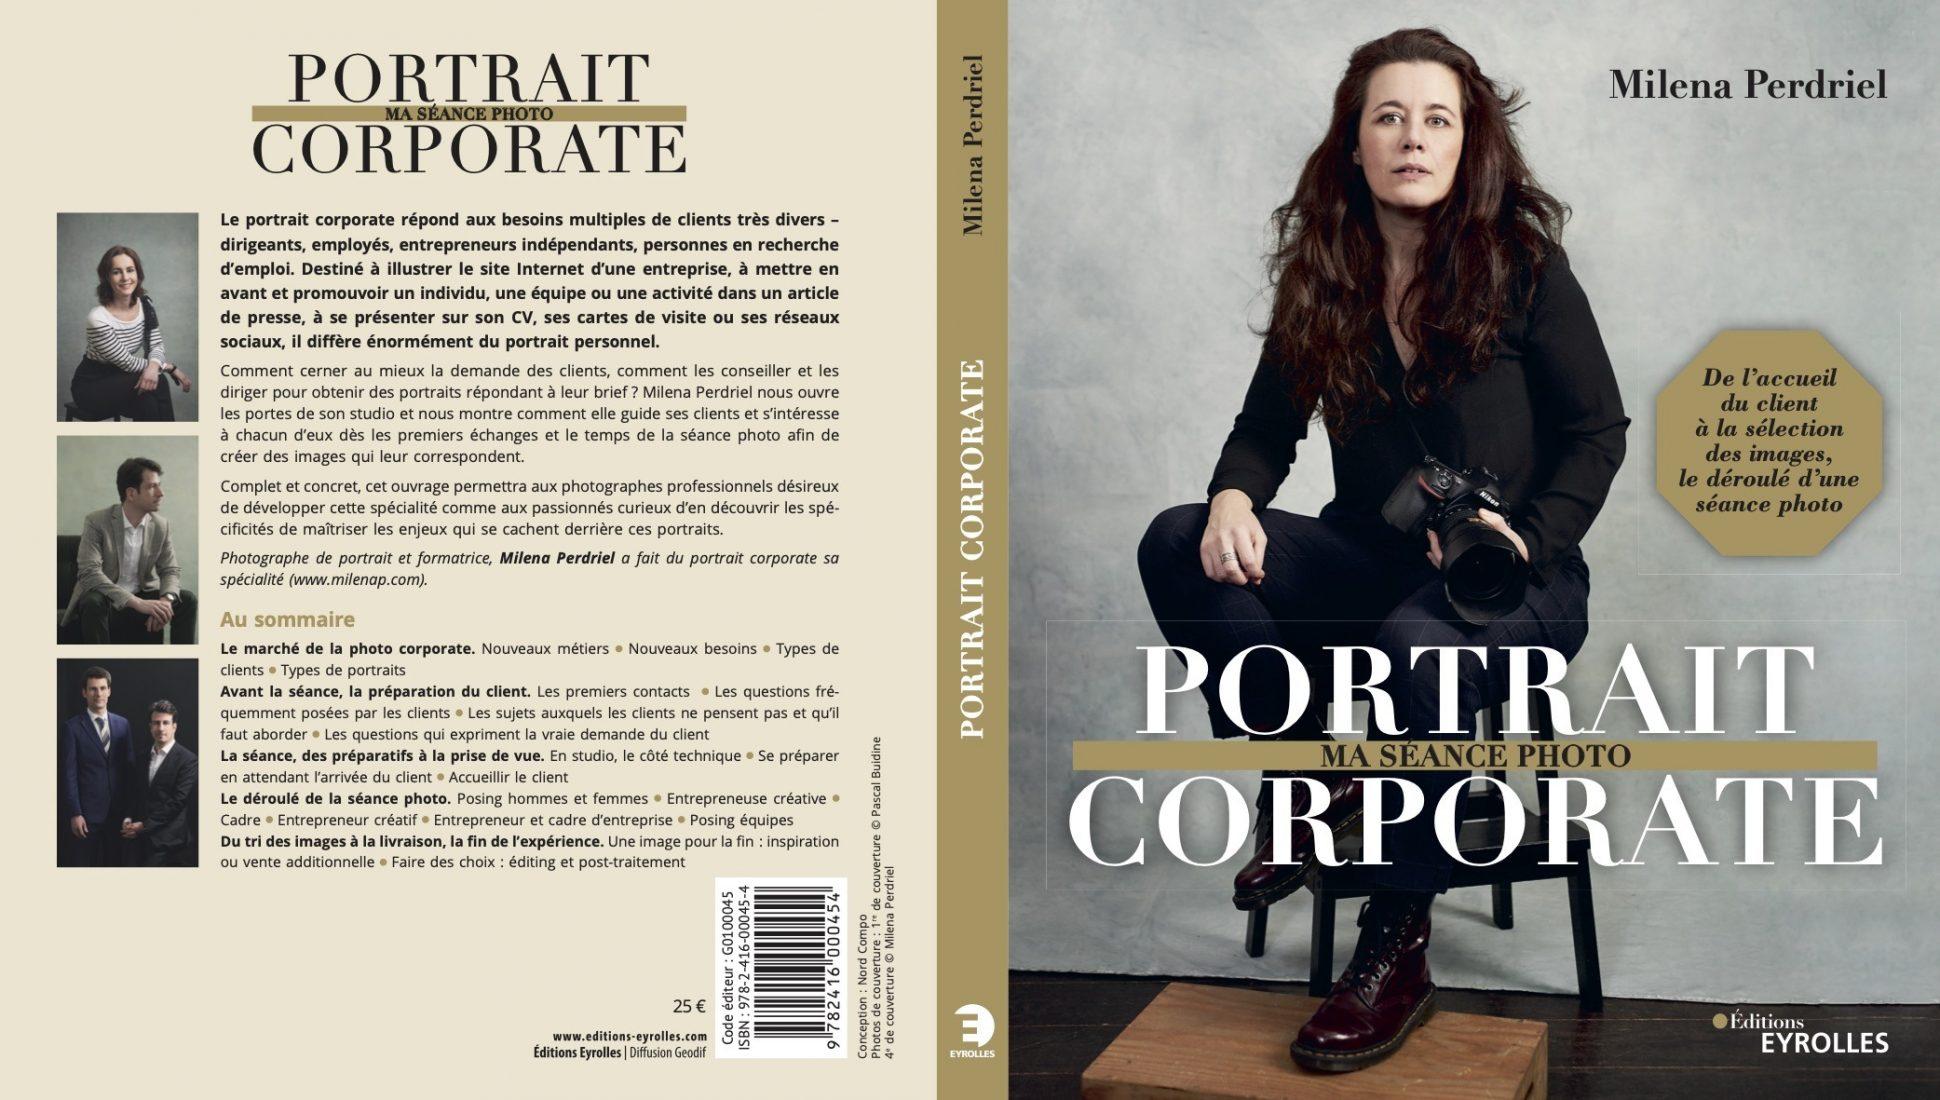 Portrait corporate : Ma séance photo quatrième de couv livre photographe pro